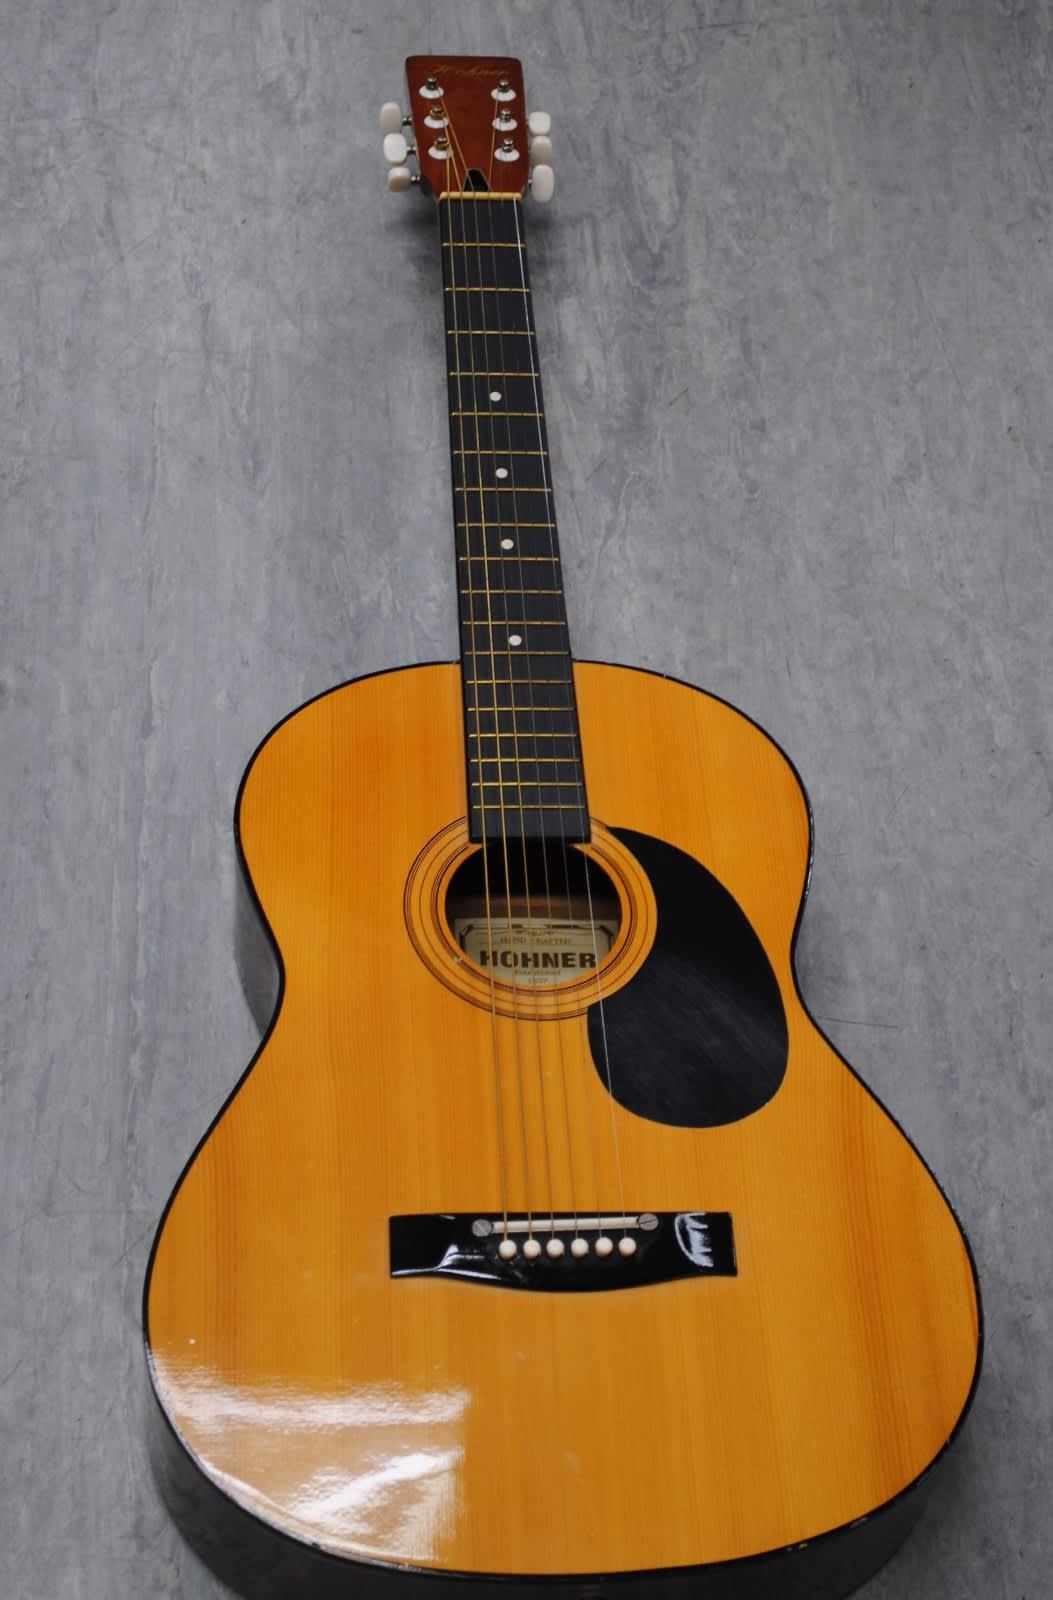 Hohner Guitar Price : hohner mw 300 acoustic guitar reverb ~ Vivirlamusica.com Haus und Dekorationen